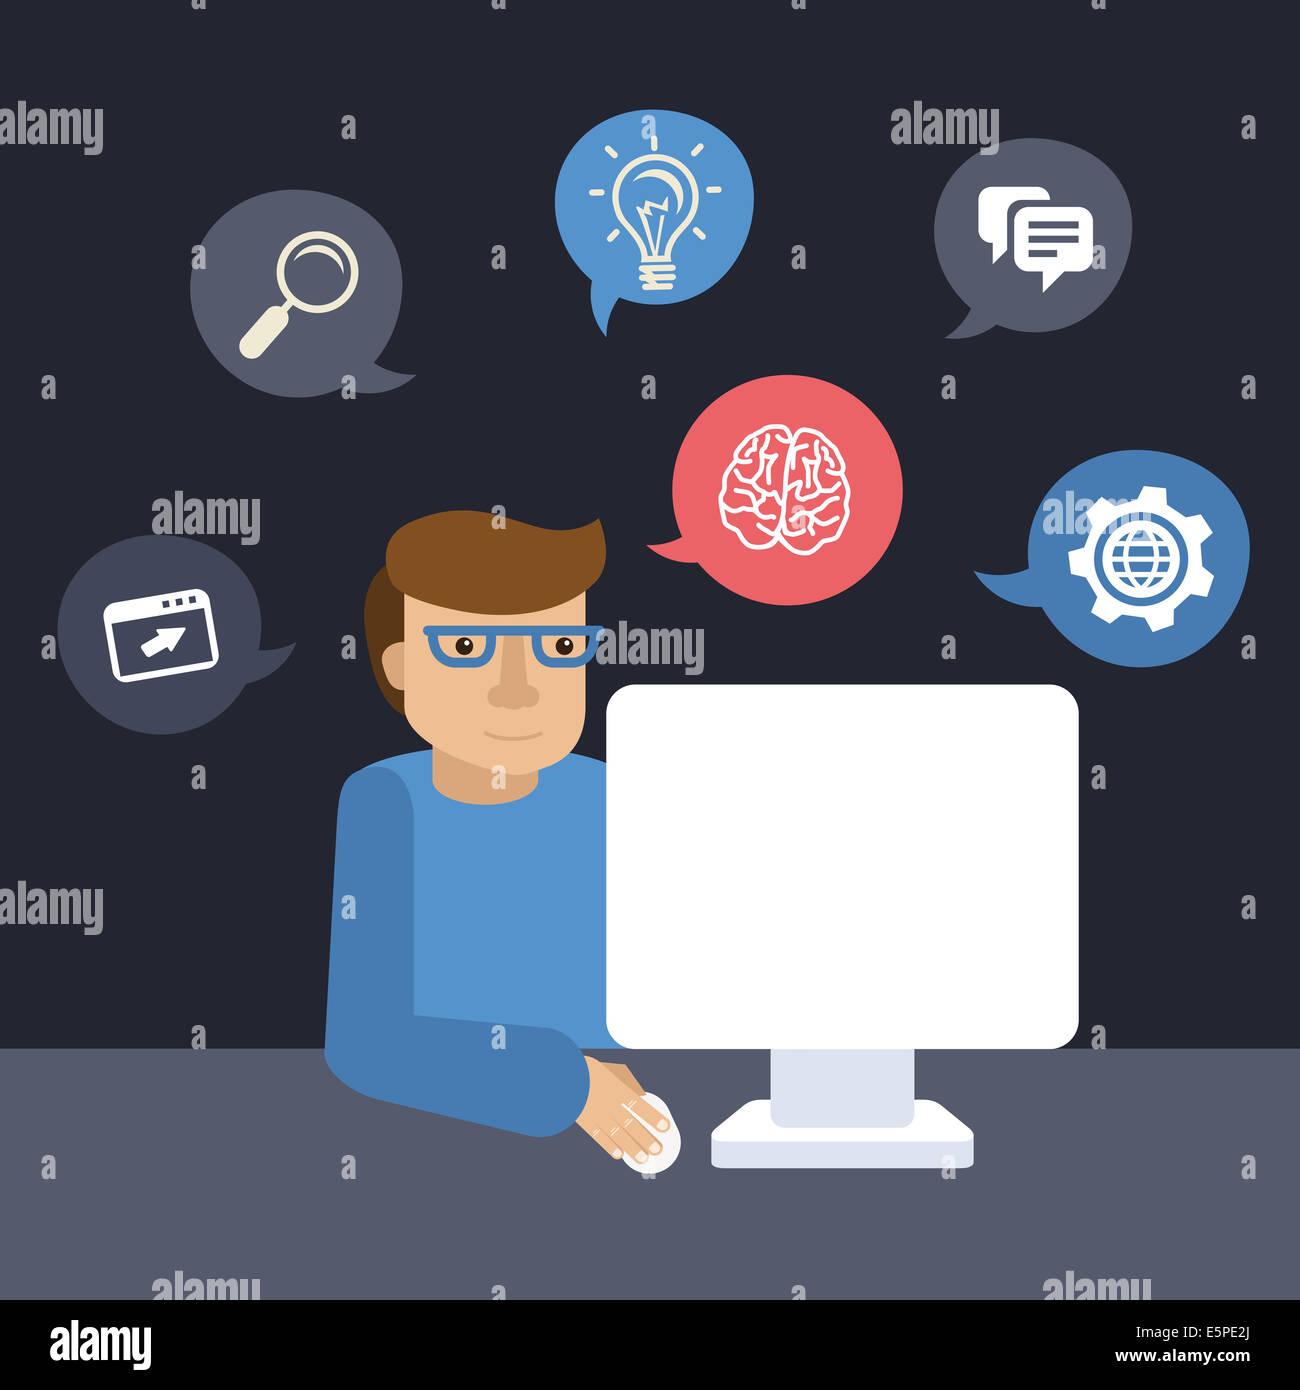 Programmeur cartoon travaille sur son ordinateur dans un style plat Photo Stock